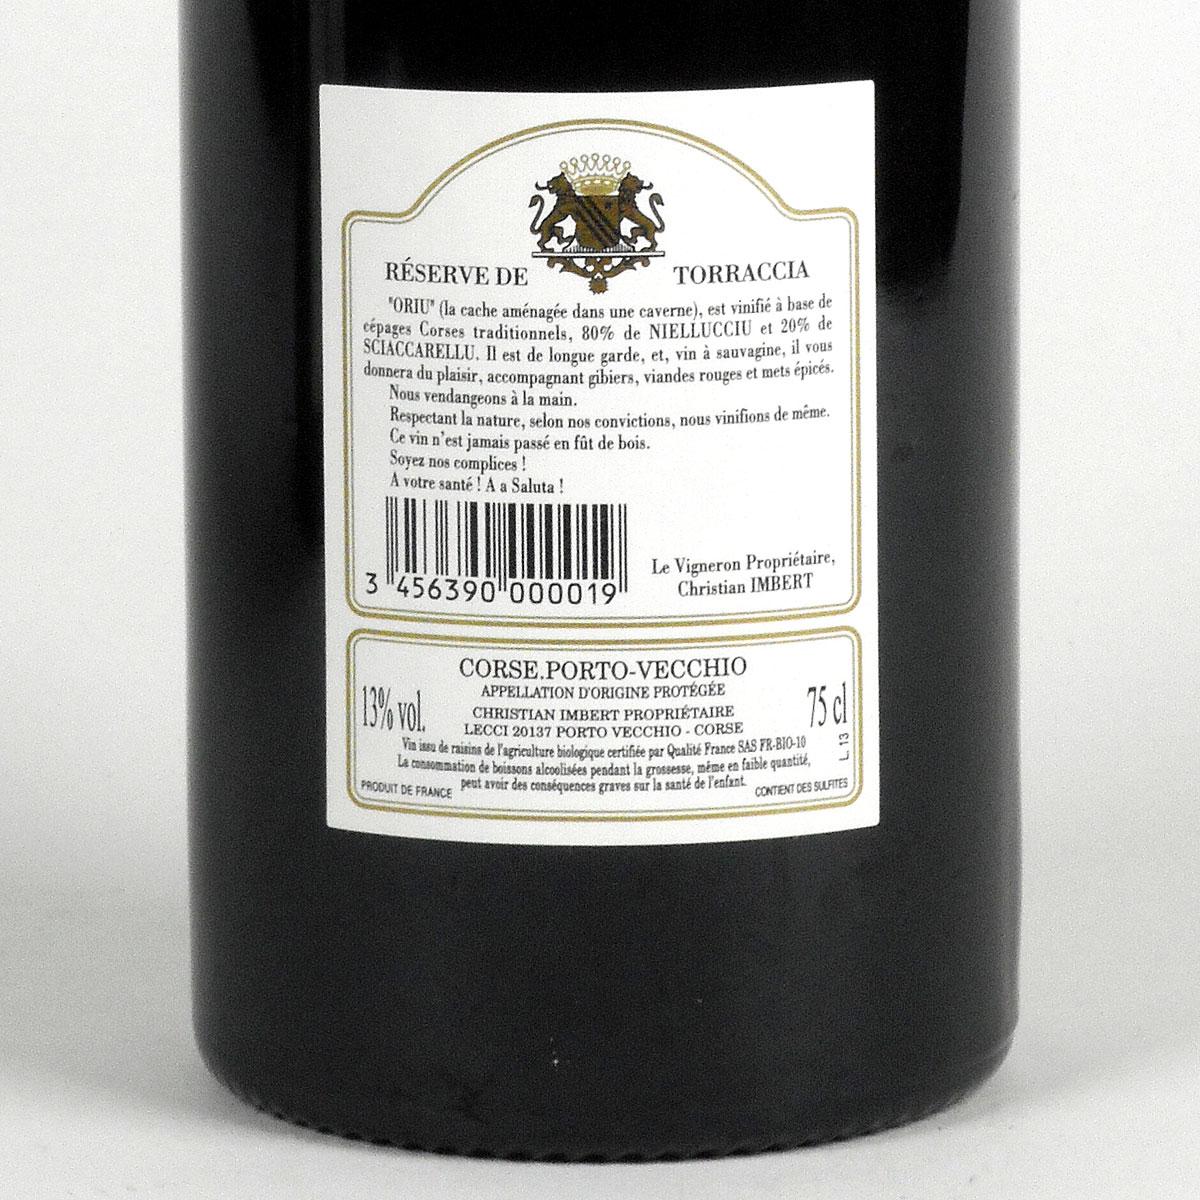 Vin de Corse Porto Vecchio: Domaine de Torraccia: Cuvée Oriu 2015 - Bottle Rear Label